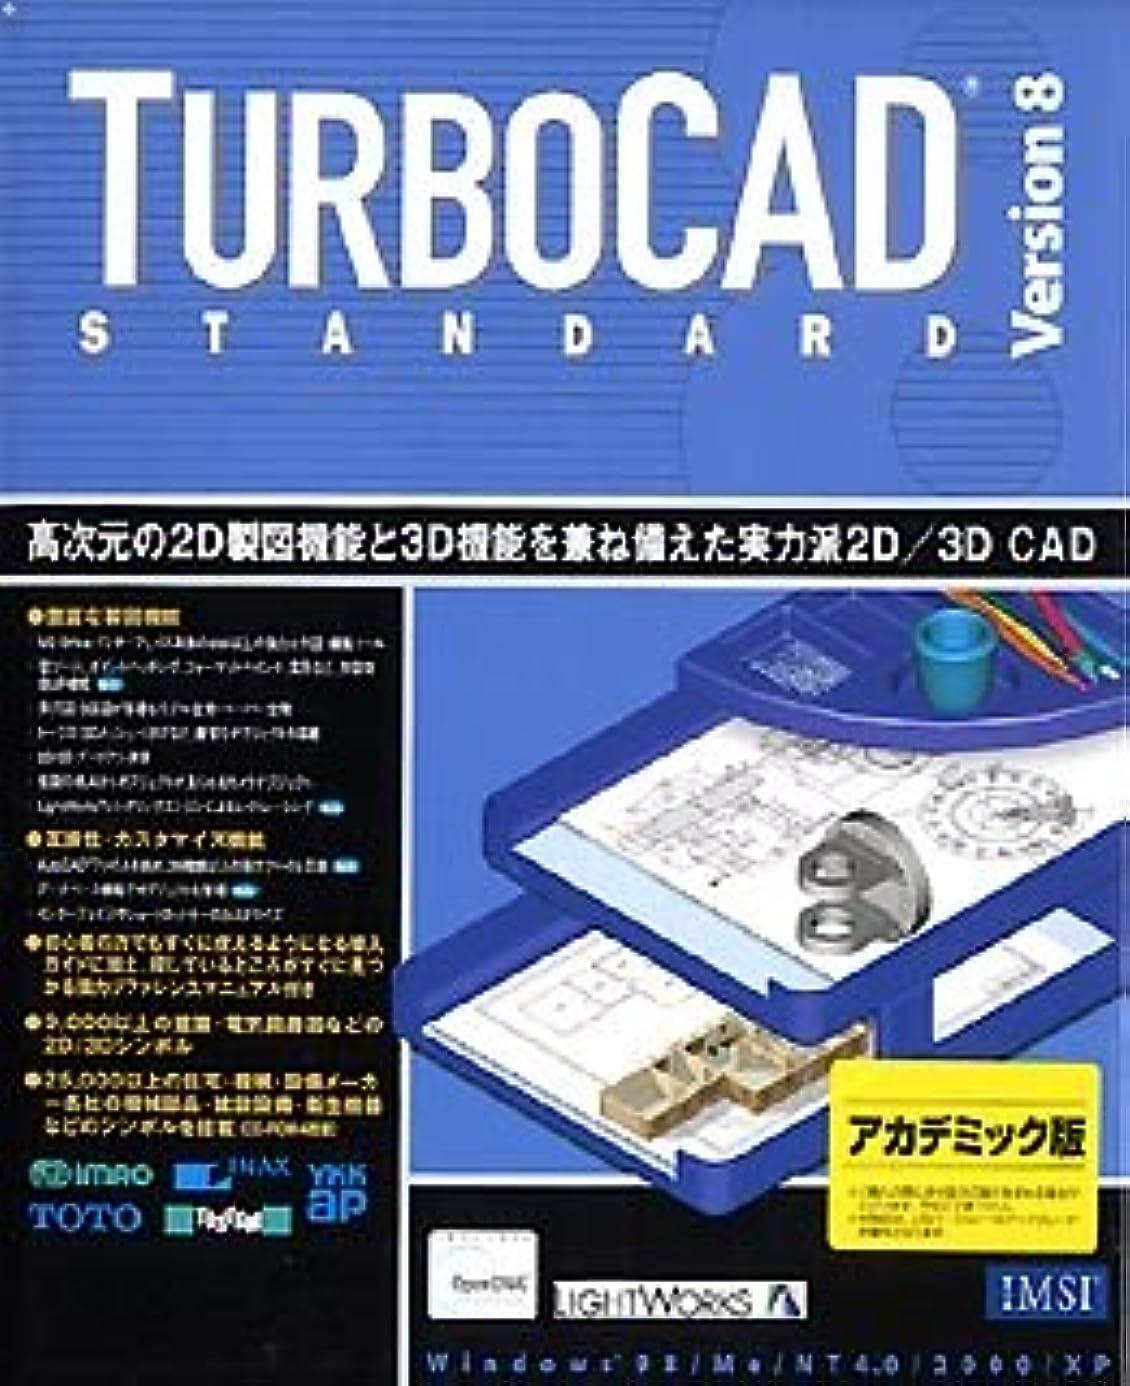 地雷原統計瀬戸際TurboCAD Version 8 Standard アカデミック版